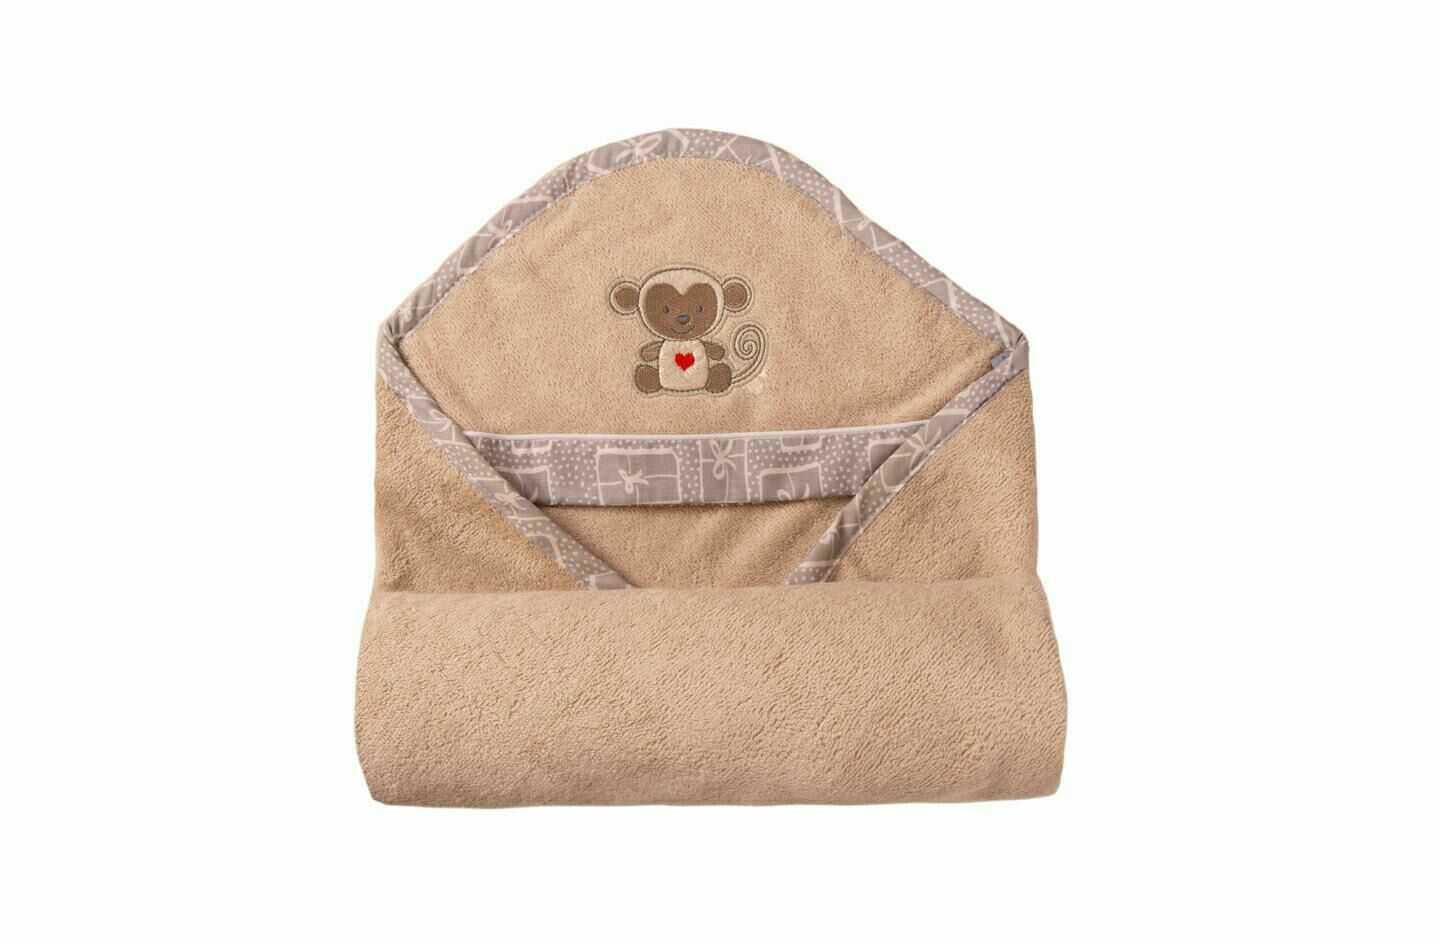 Okrycie kąpielowe niemowlęce 100x100 Bamboo 16 beżowy ręcznik z kapturkiem